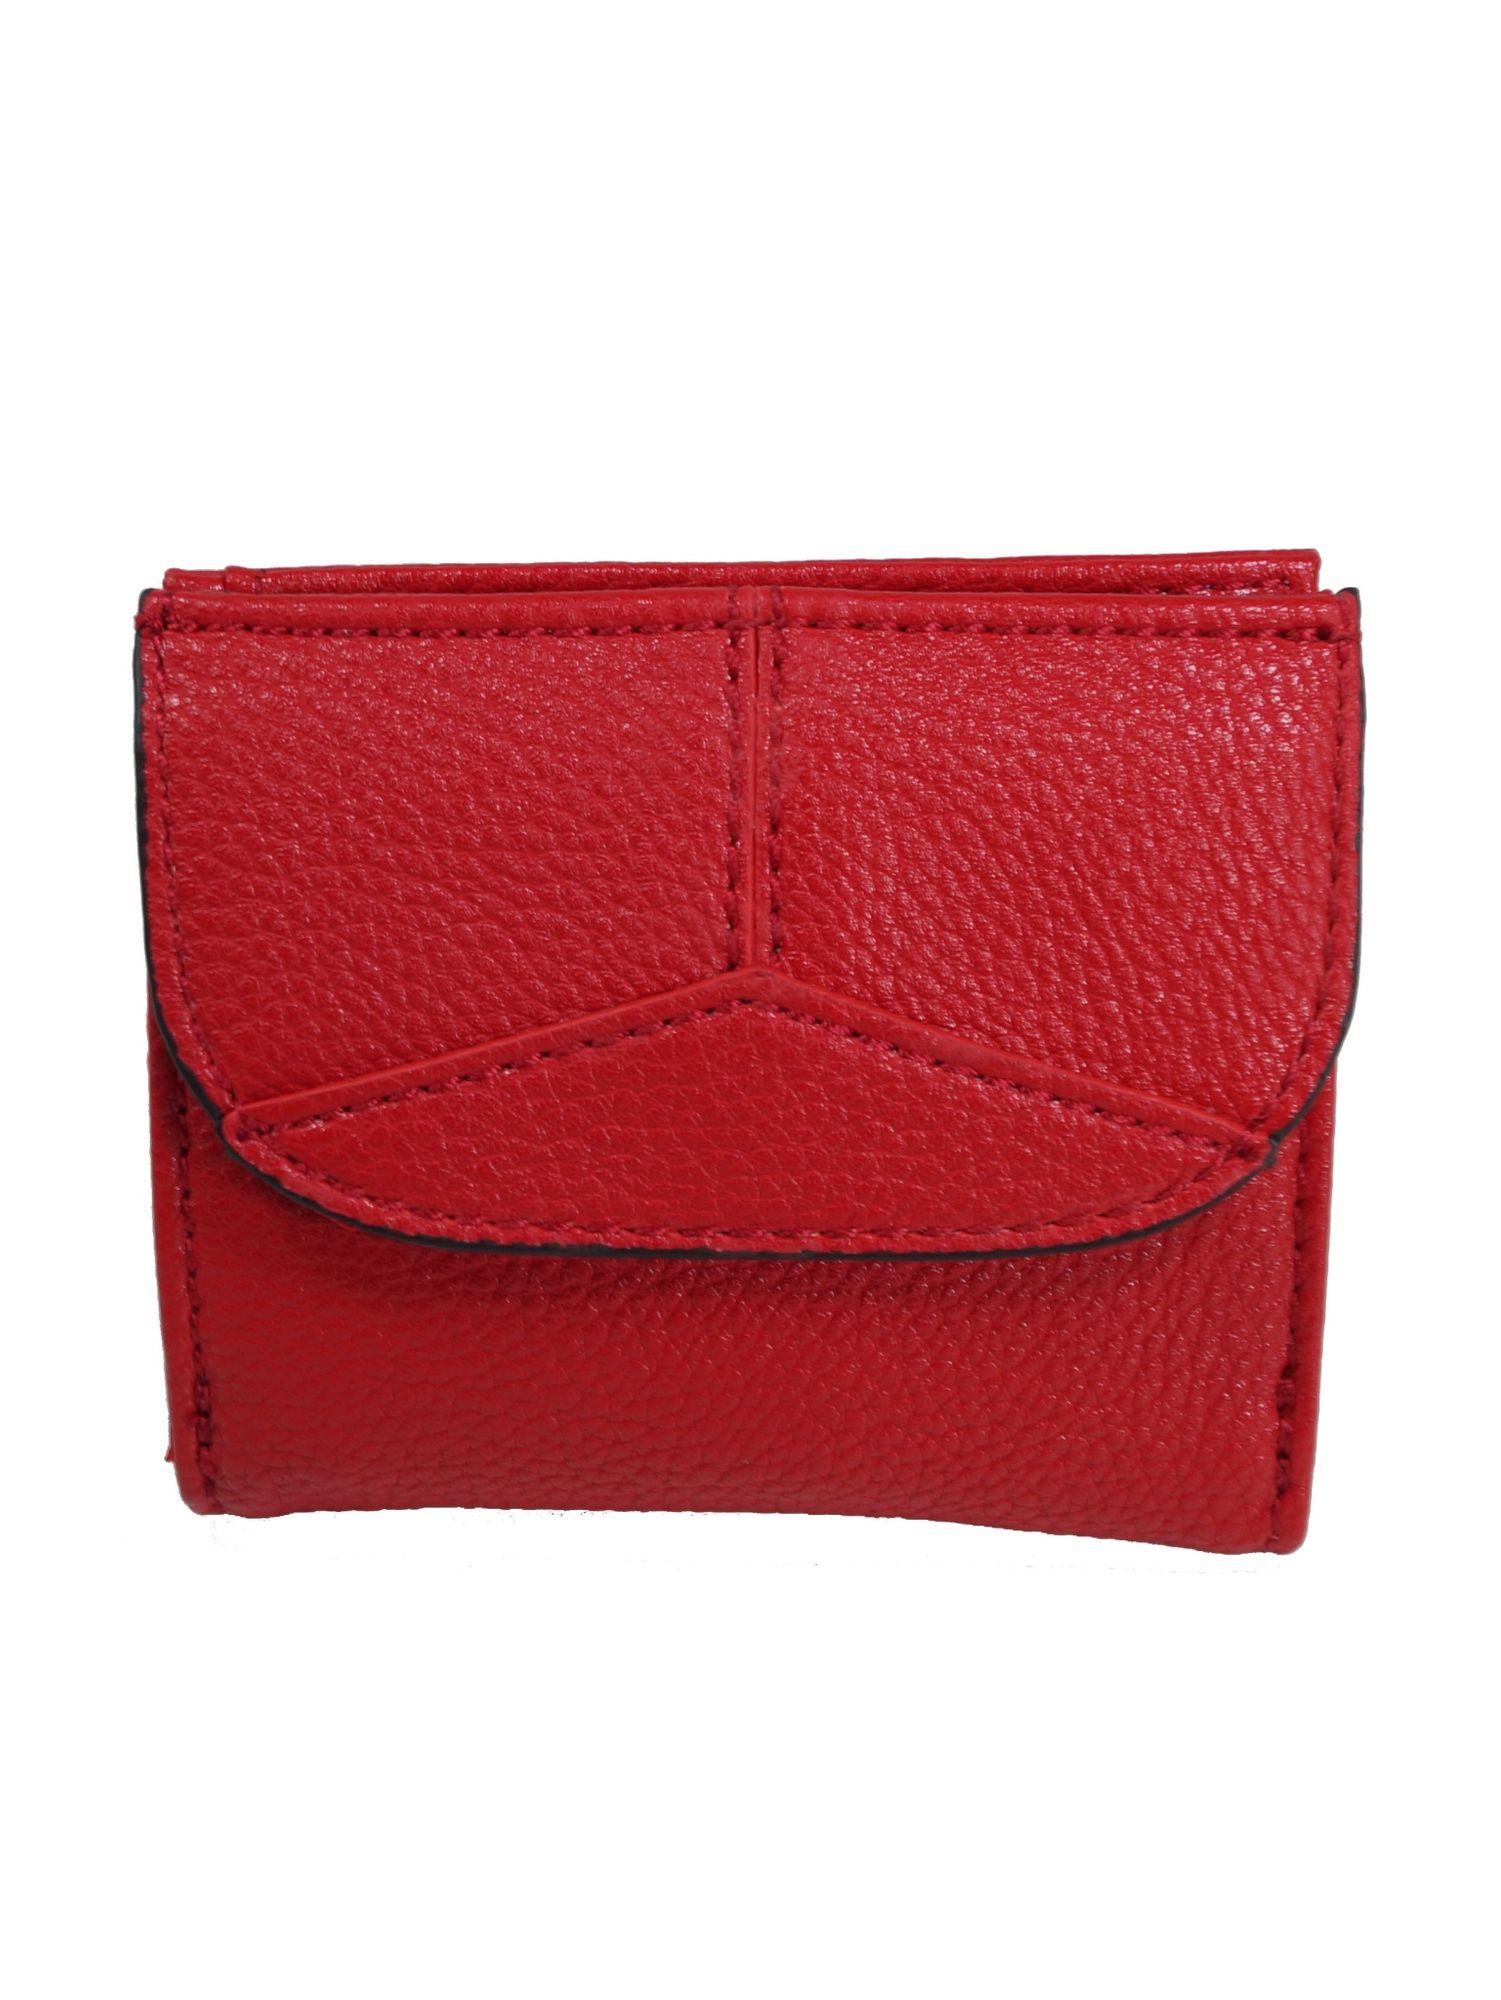 2f597edfdfe21 Esprit Damen Geldbörse Geldbeutel Portemonnaies Colby S wallet Rot 1 ...